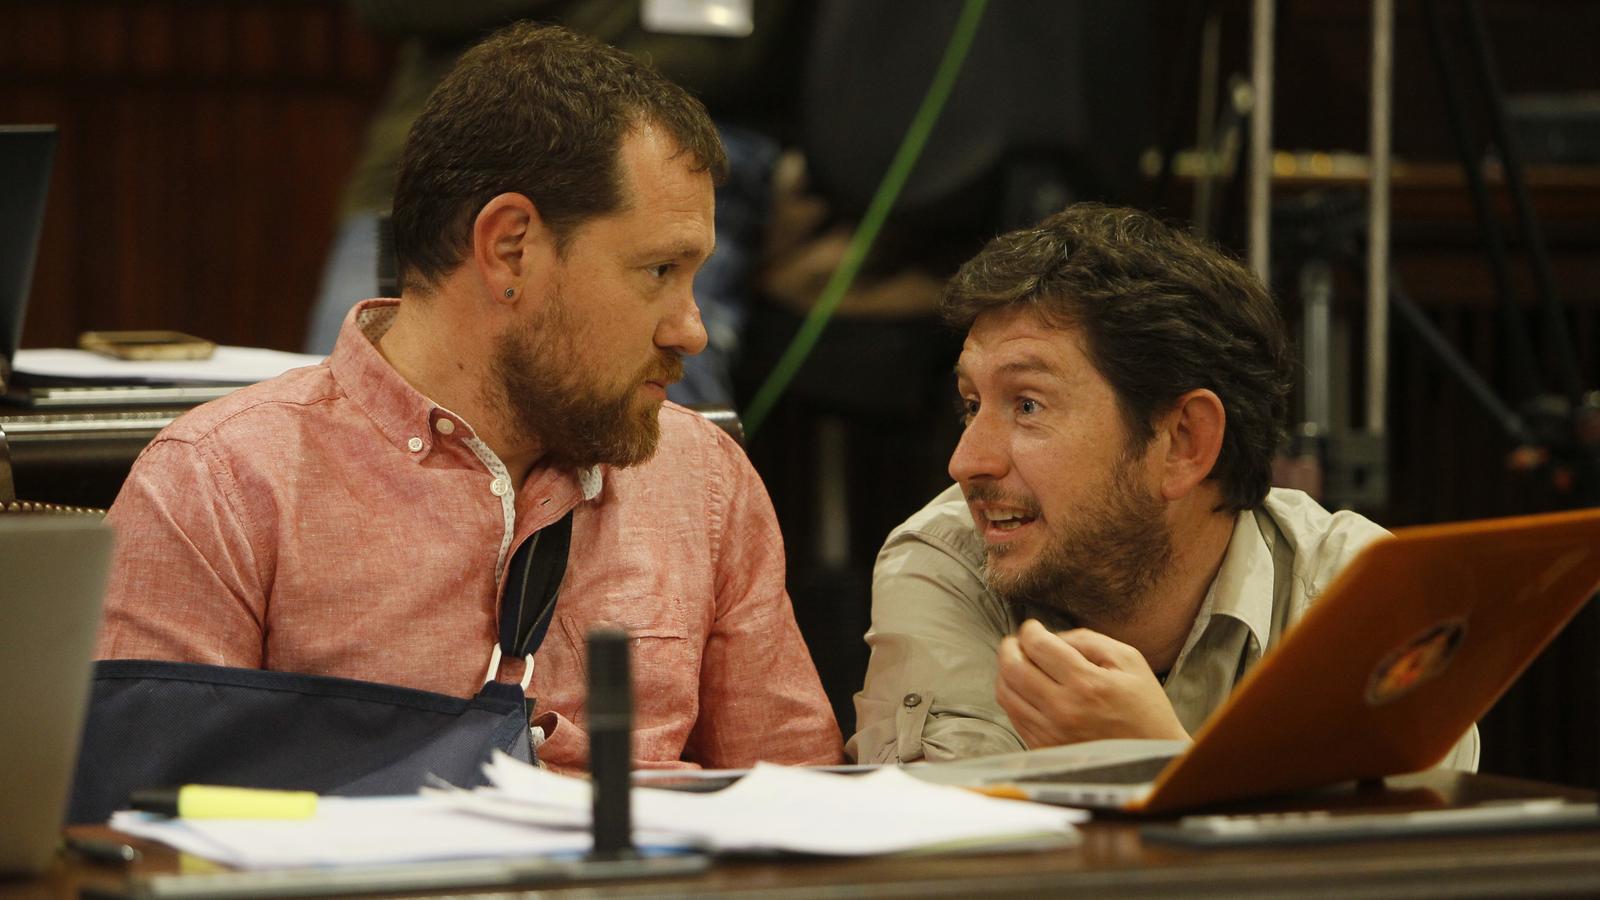 Abril i Jarabo conversen en seu parlamentària.